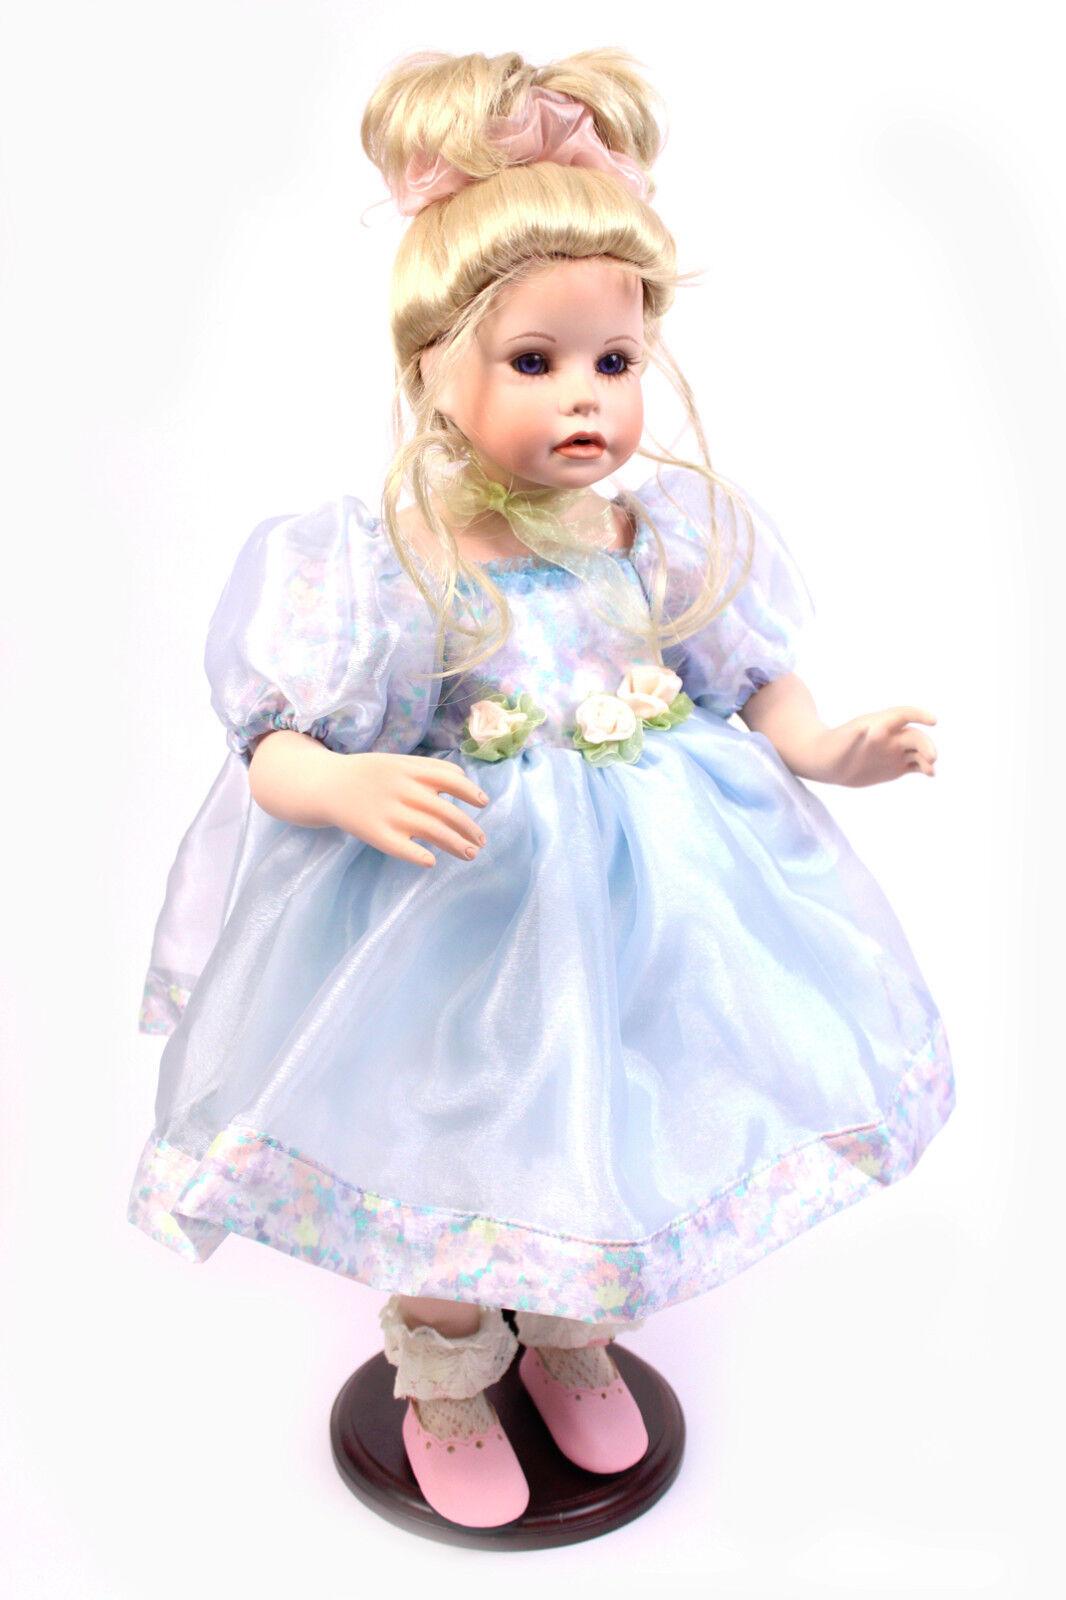 Süße Sammlerpuppen Basar Sammlerpuppe SHIRLEY 59 cm Porzellan Puppe Mädchen Doll